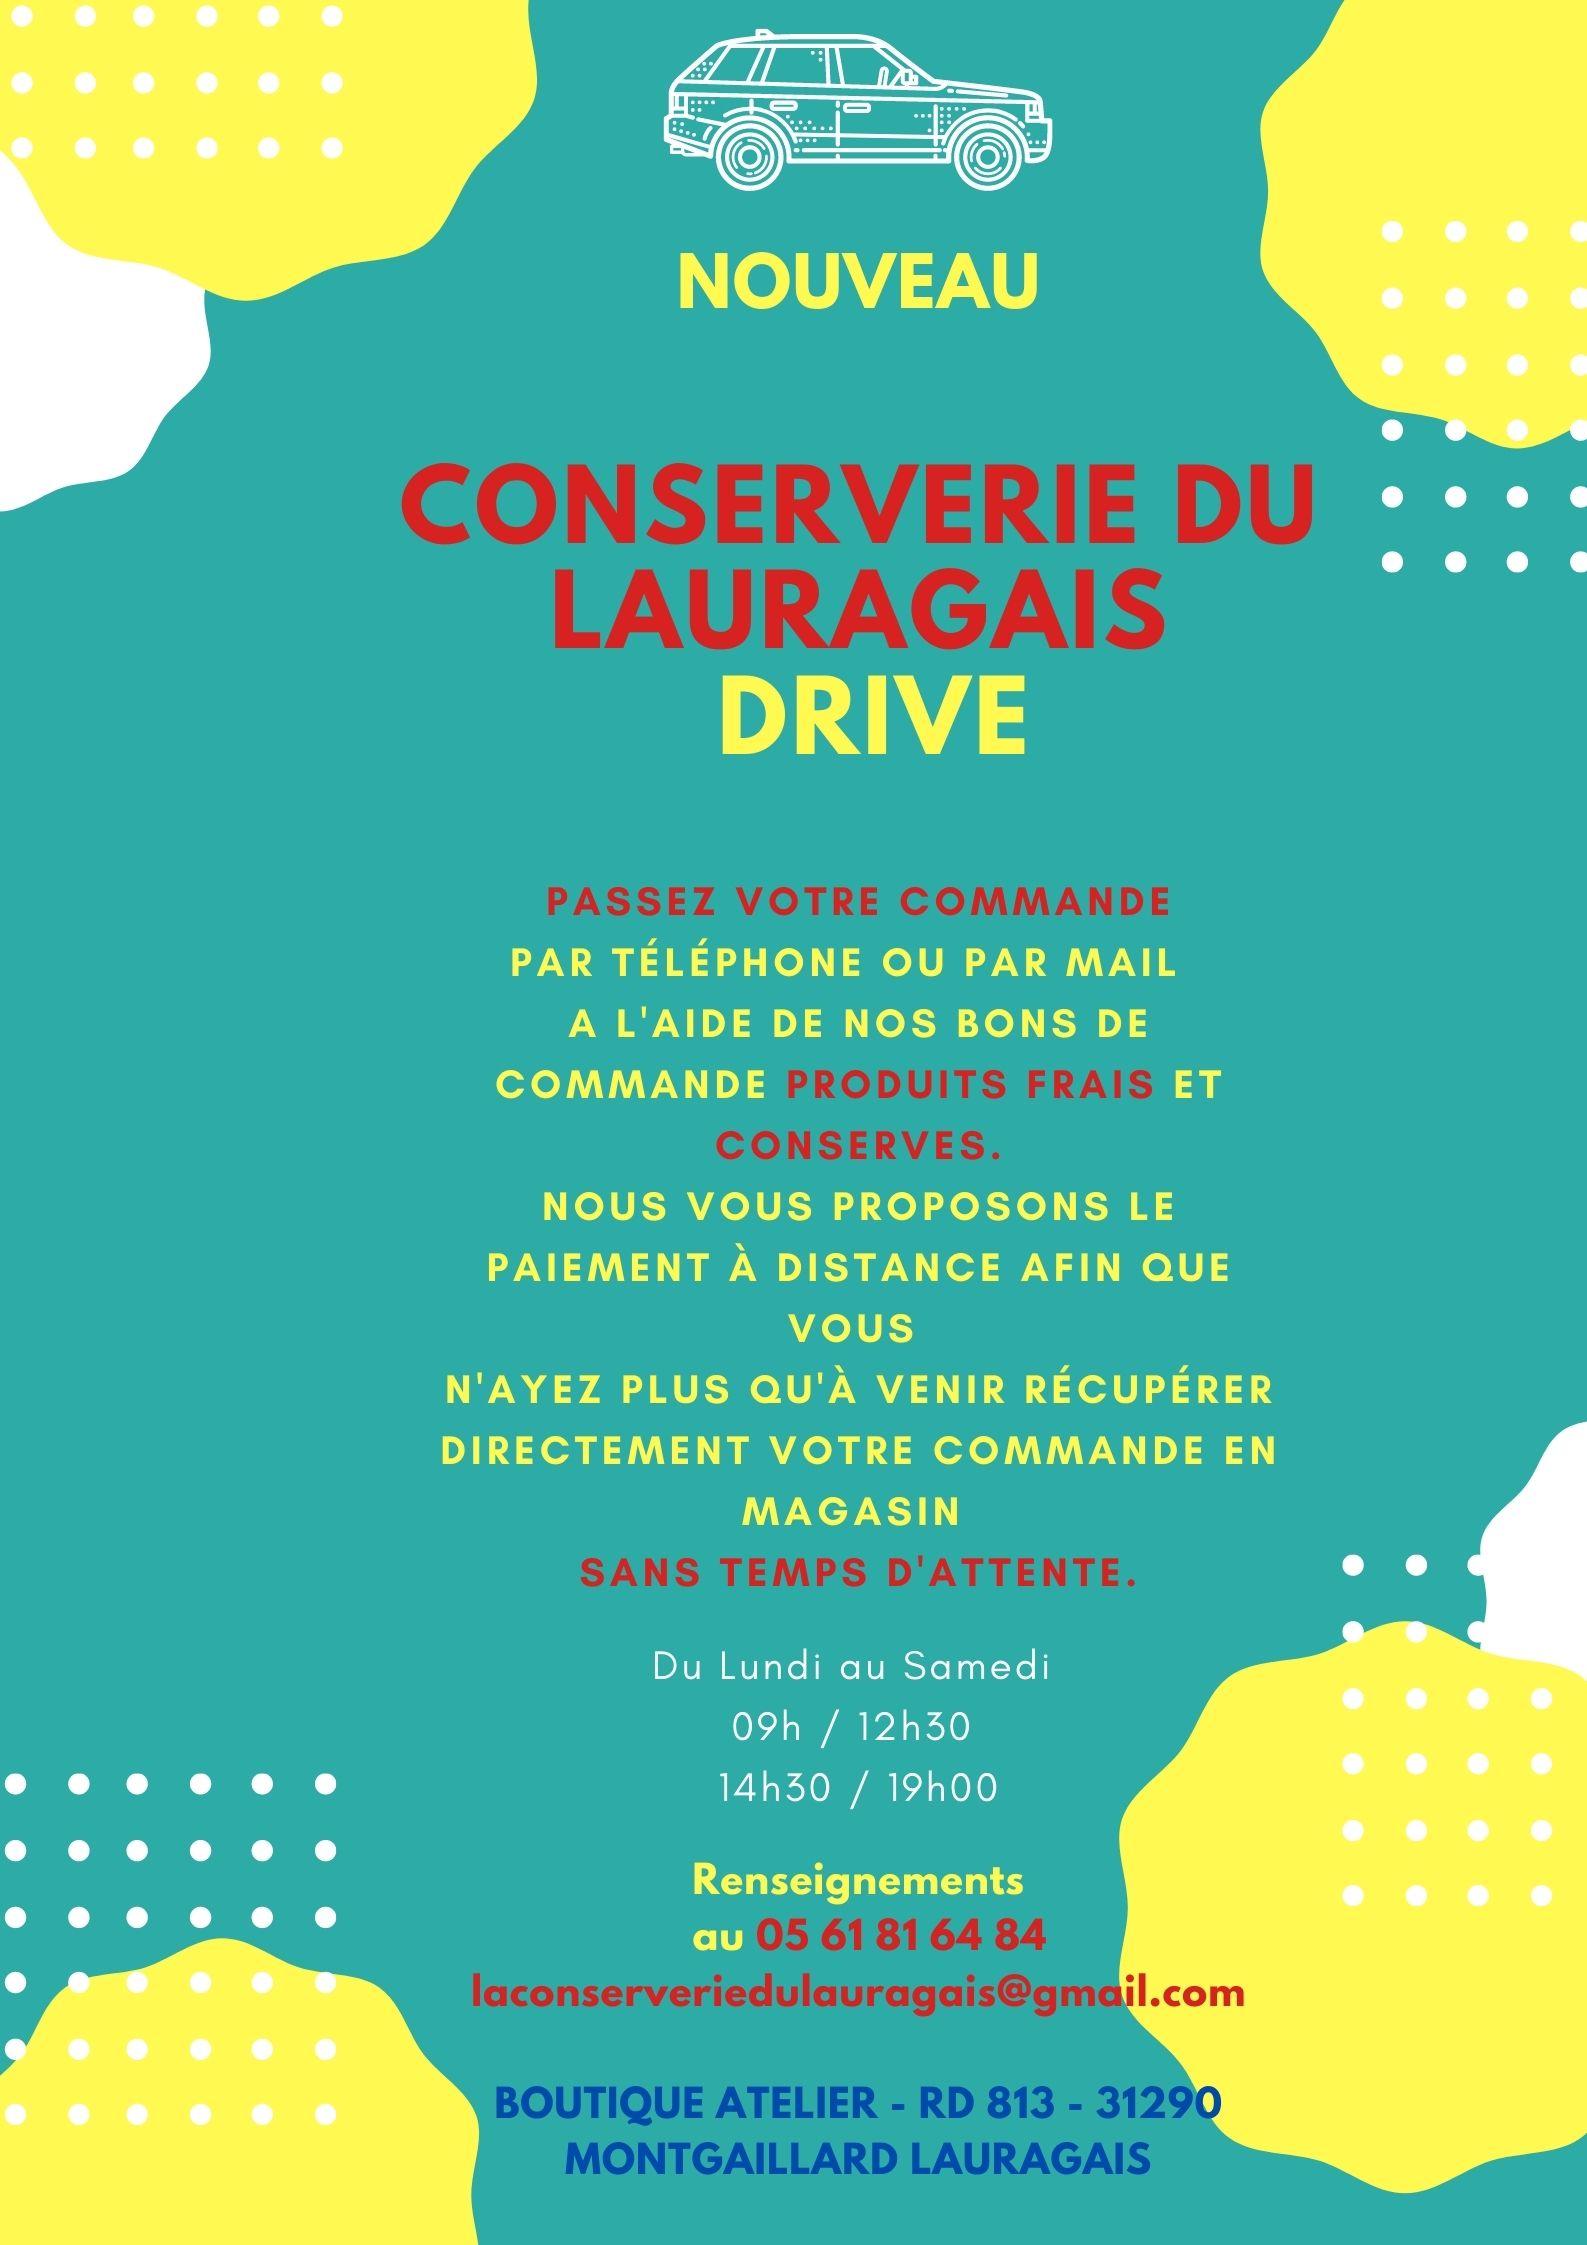 Offre spéciale de la Conserverie du Lauragais